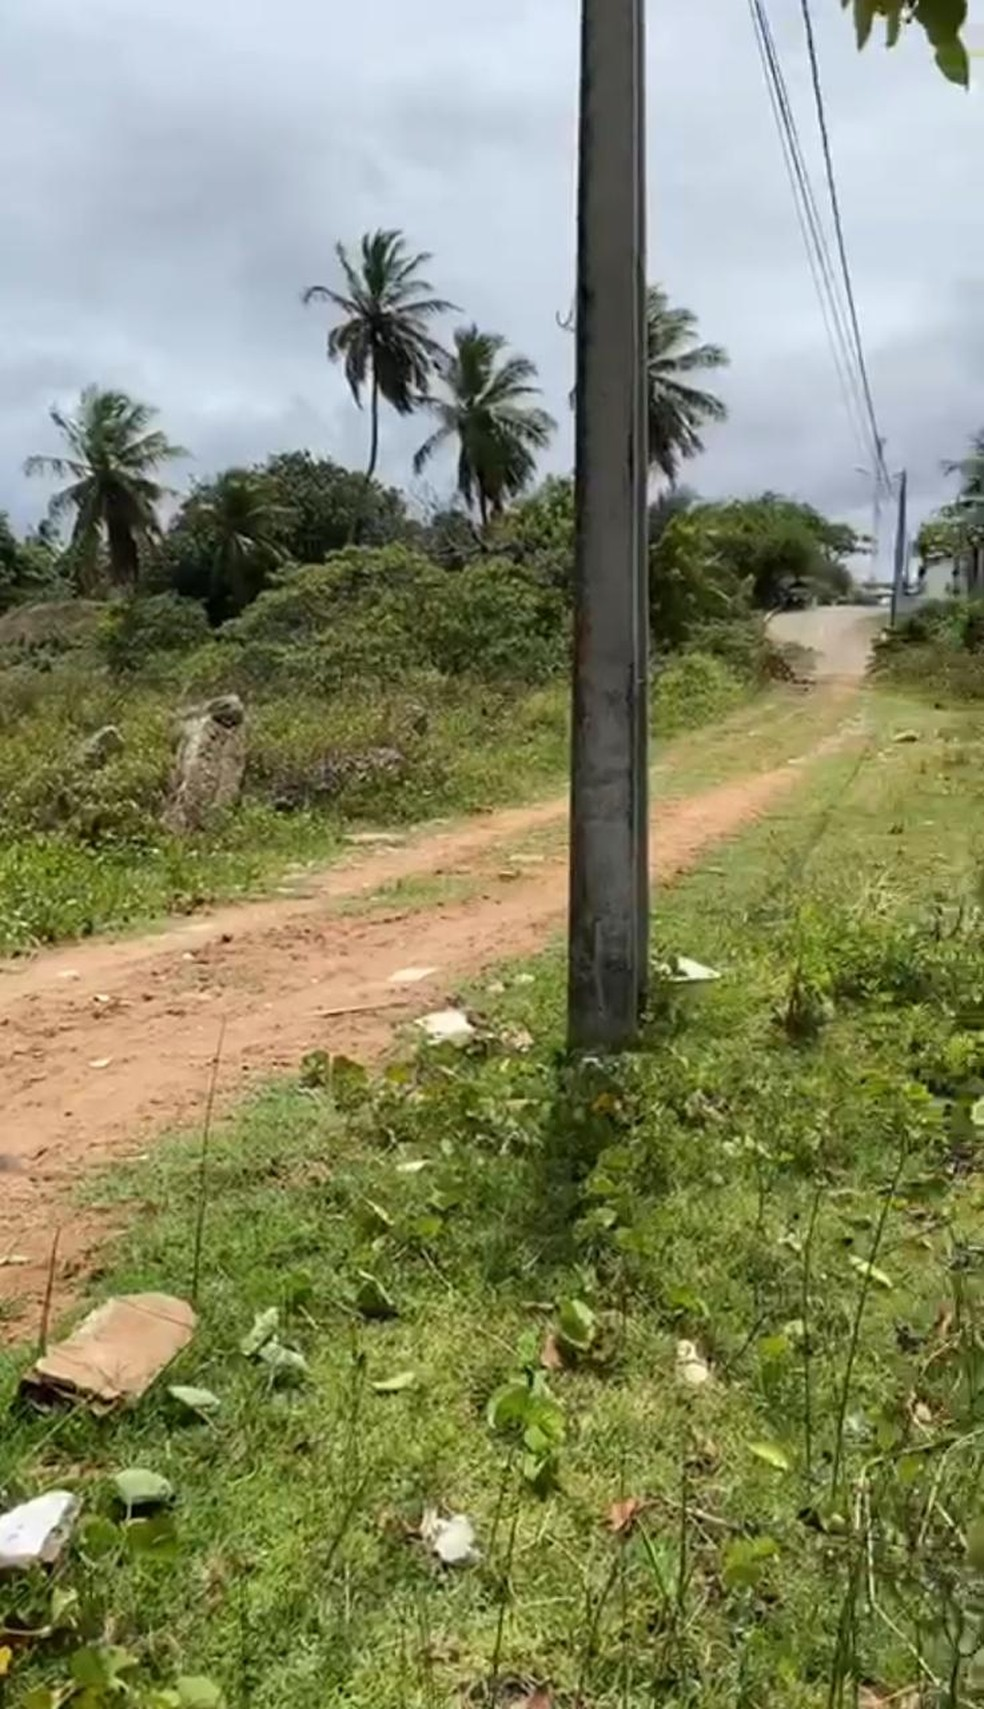 José Carlos foi visto pela última vez andando por este caminho, próximo ao Rio Doce, no bairro da Redinha, zona Norte de Natal. — Foto: Cedida